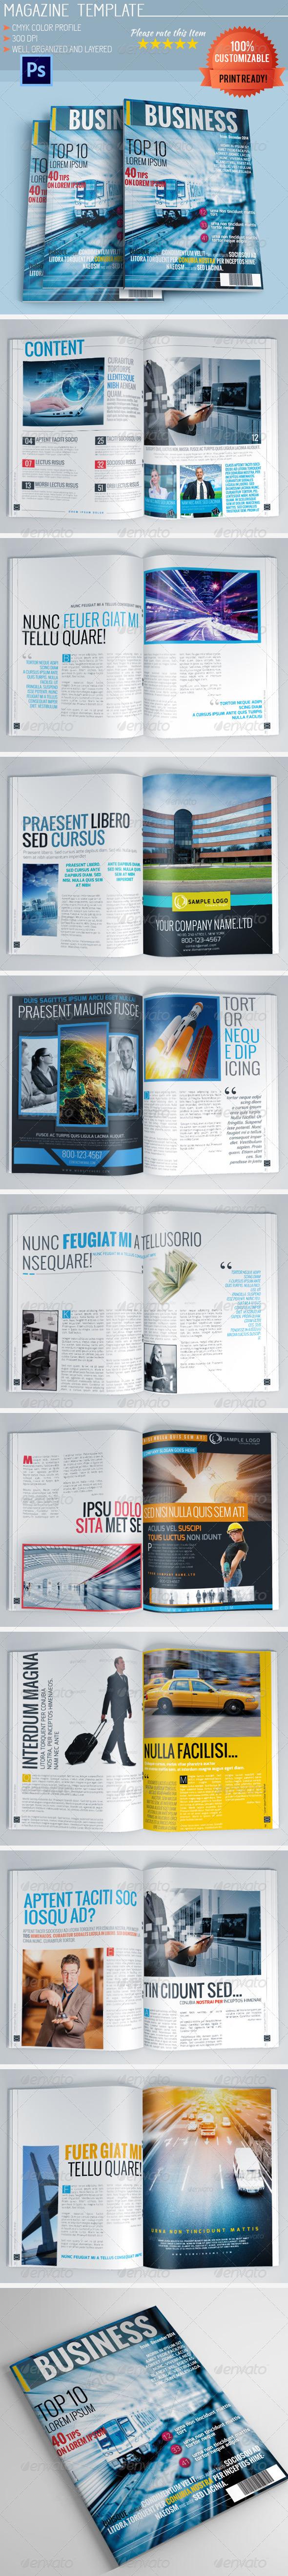 GraphicRiver Corporate Magazine Template Vol.2 5562371